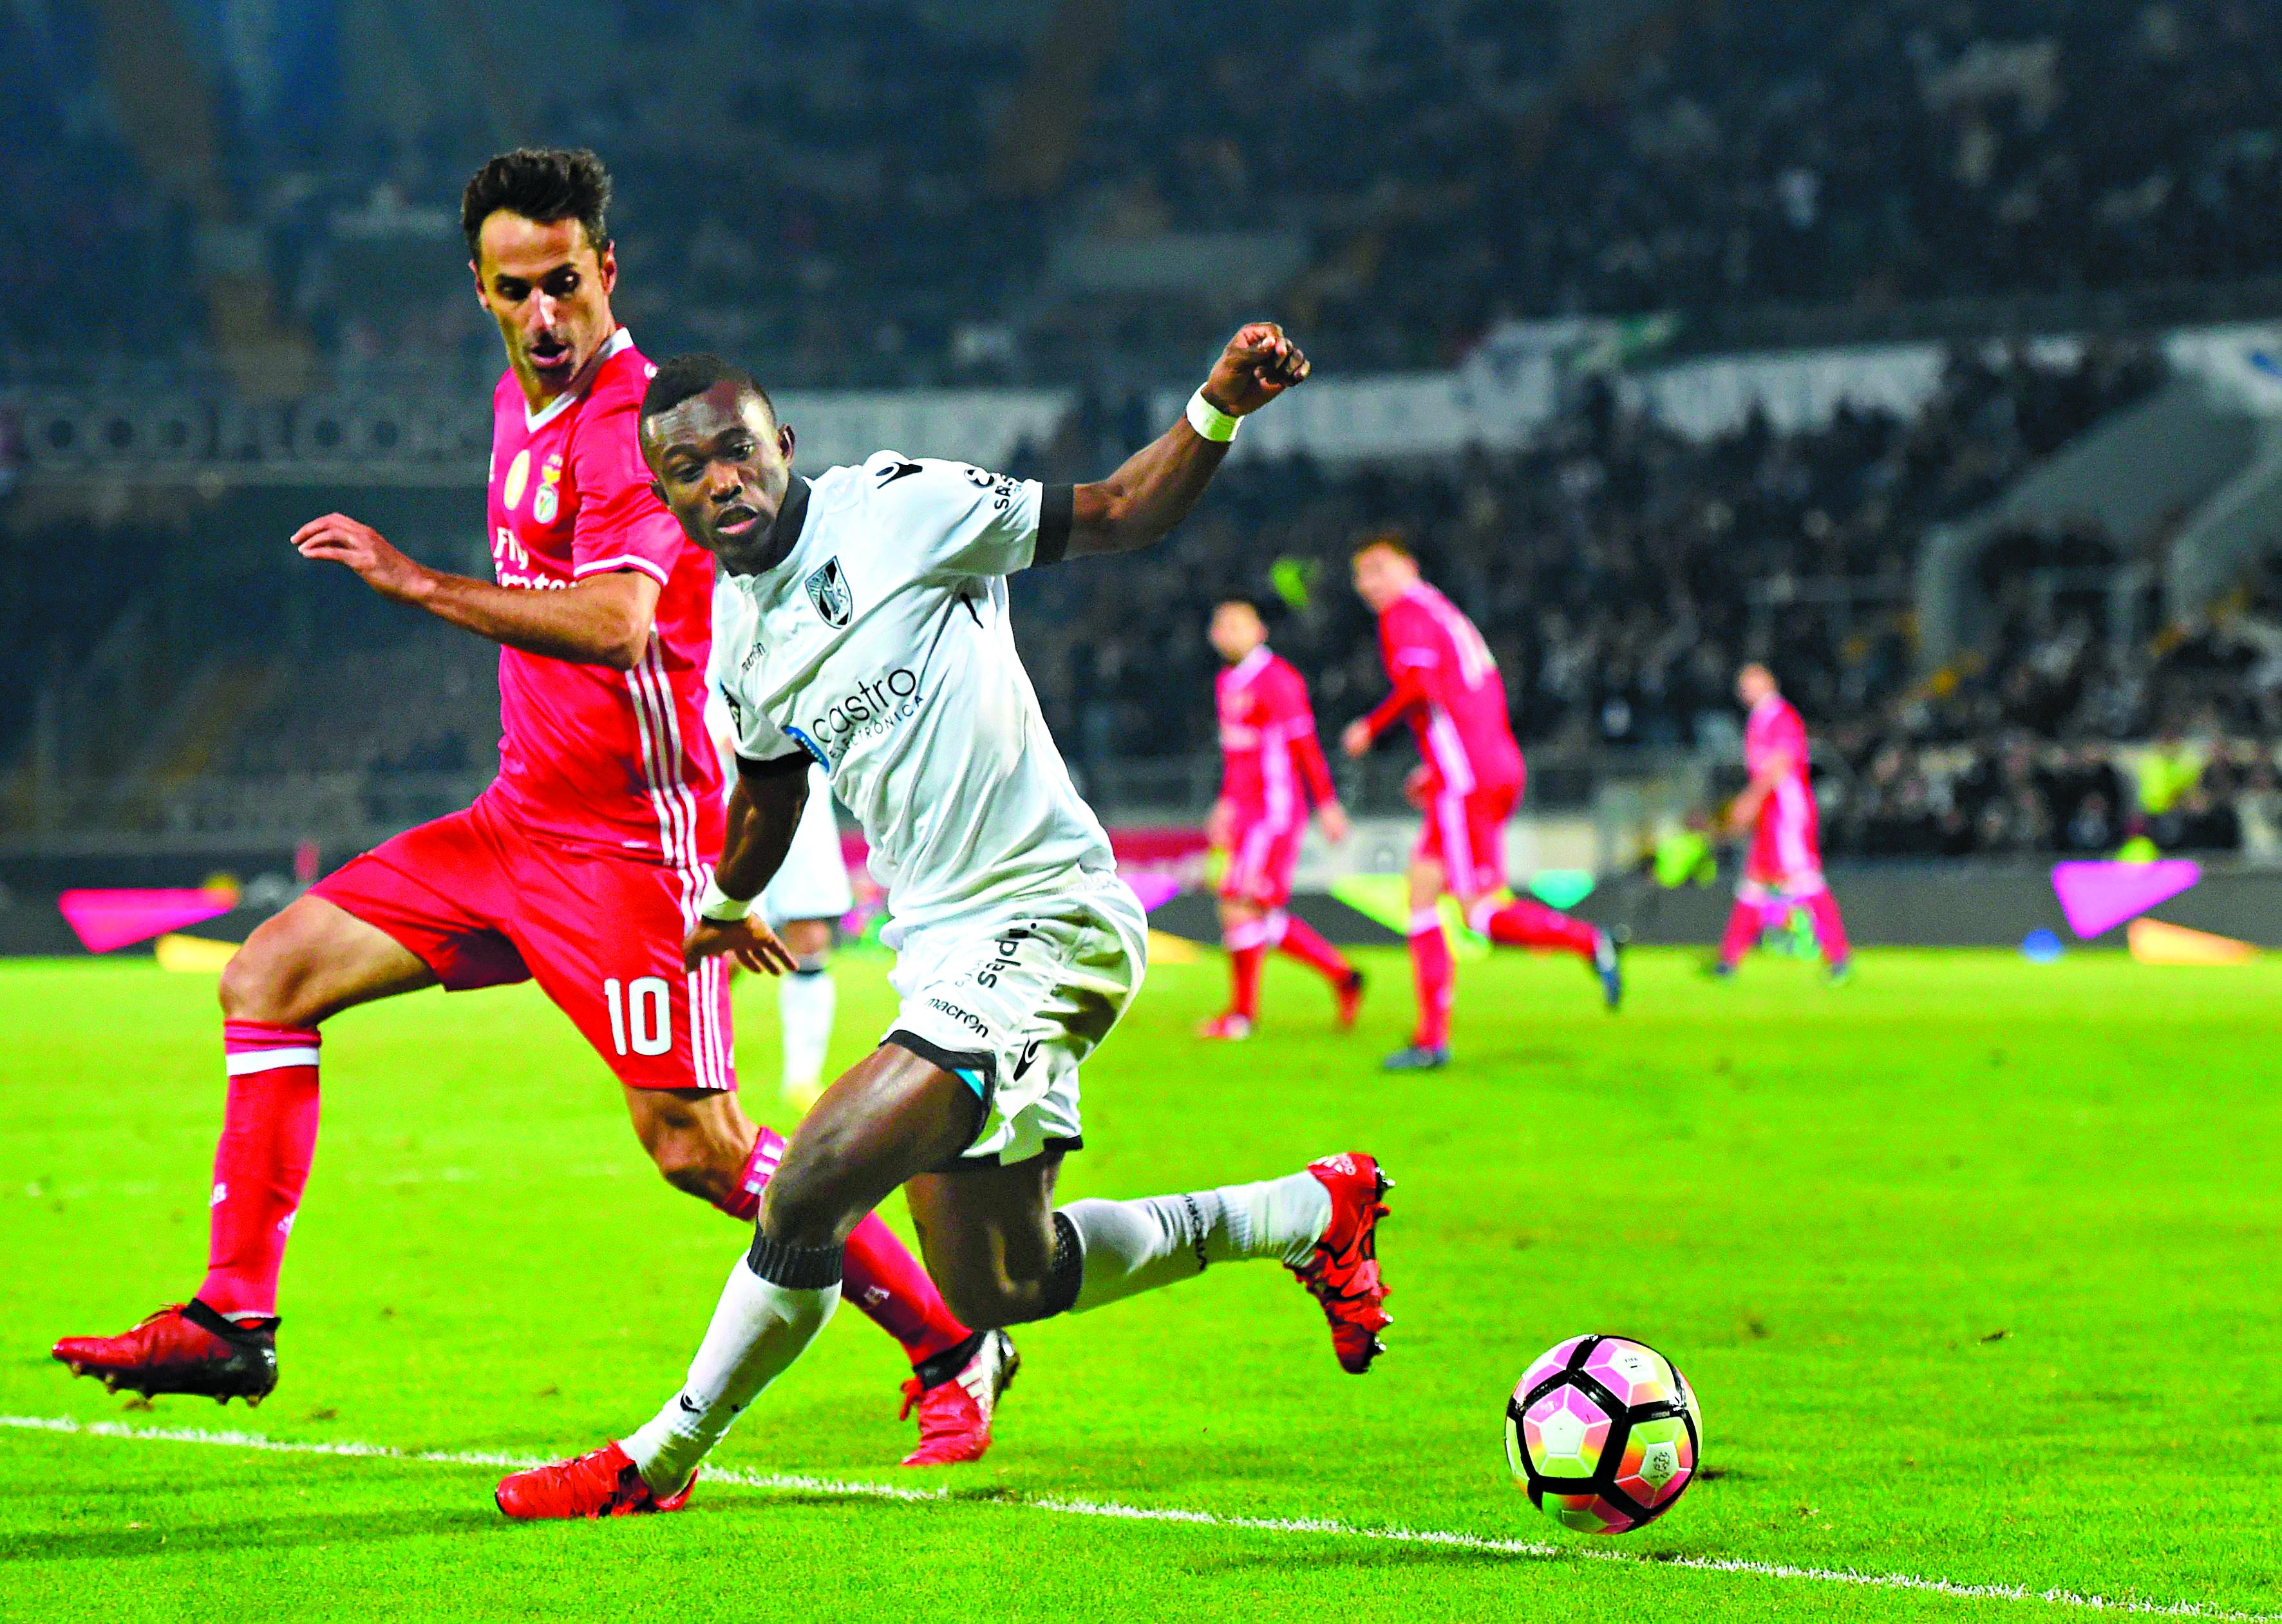 Benfica se recupera e arranca empate com o Boavista no Português